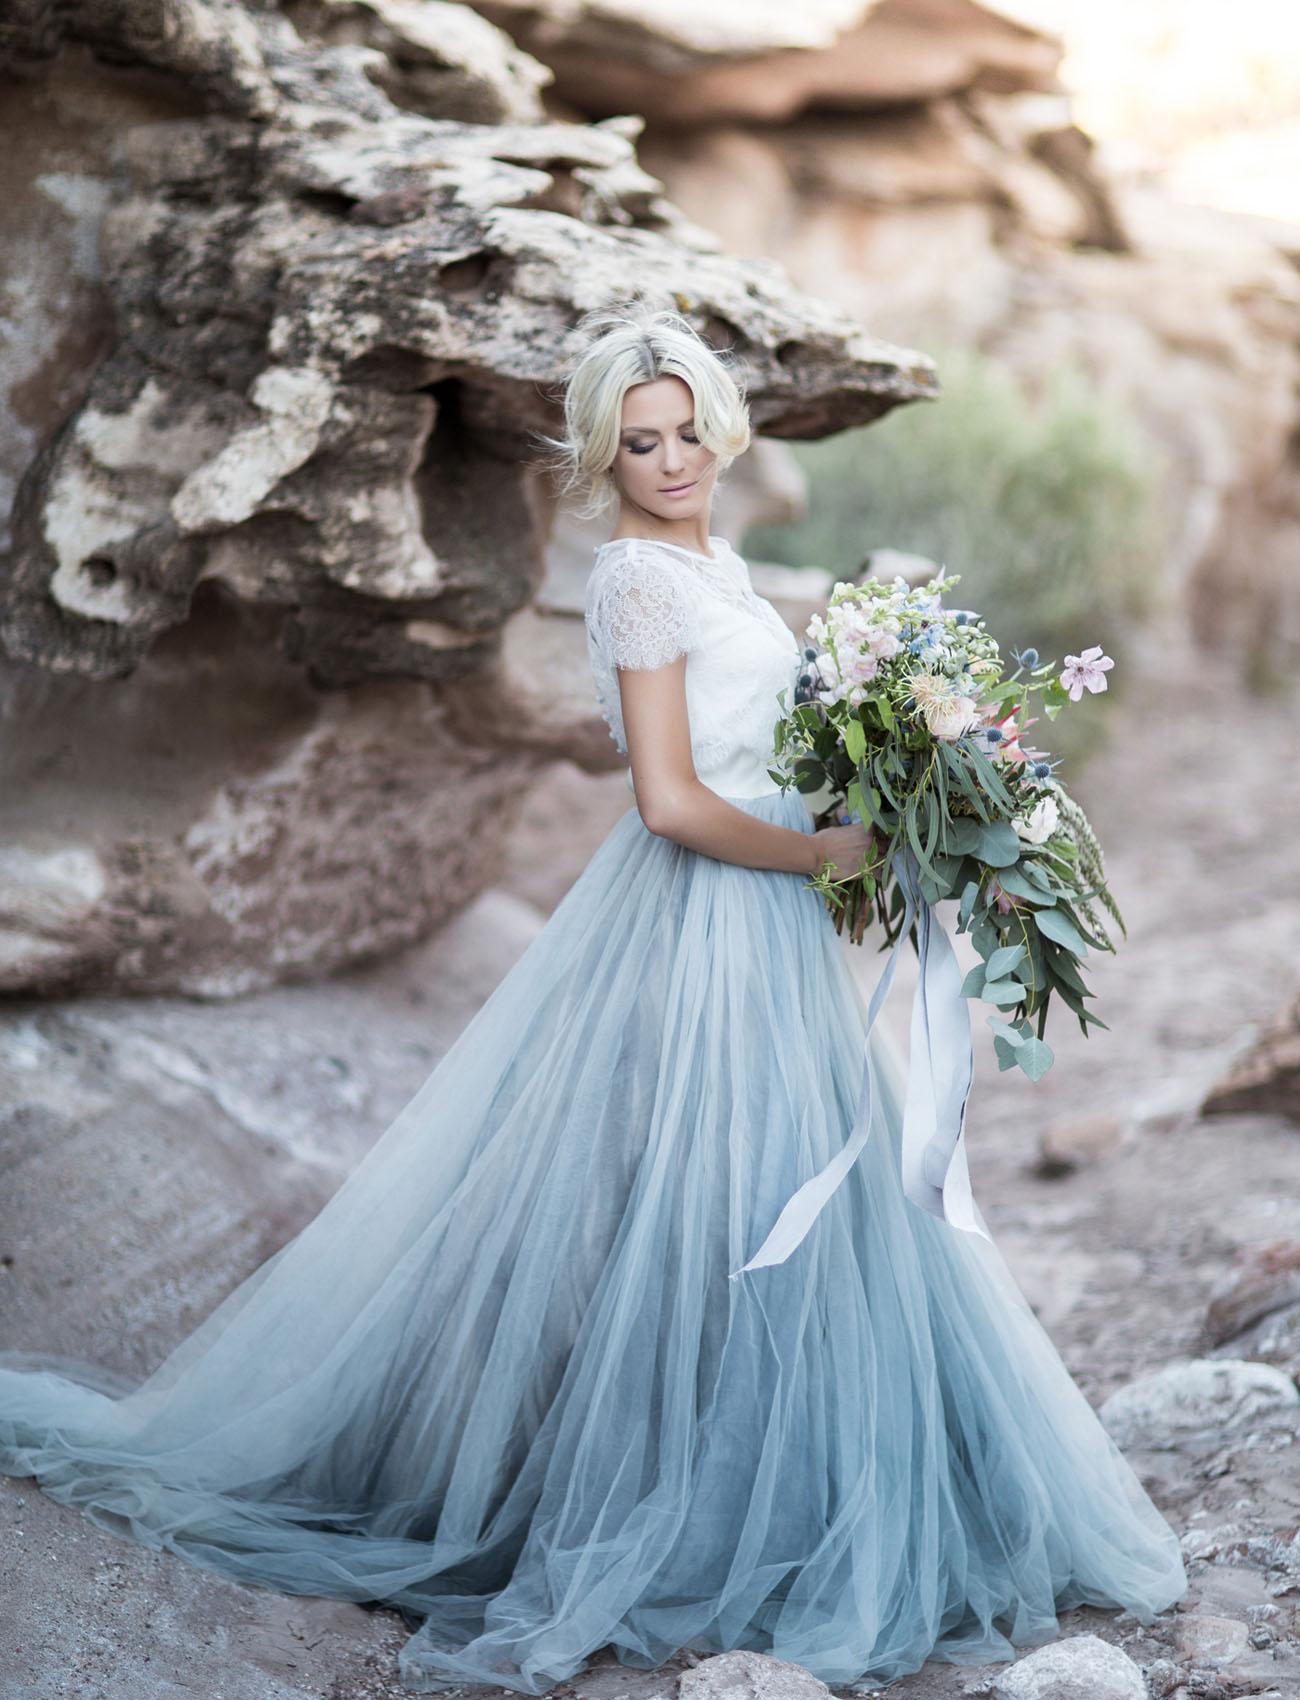 Novias bailarinas con falda de tul - Quiero una boda perfecta